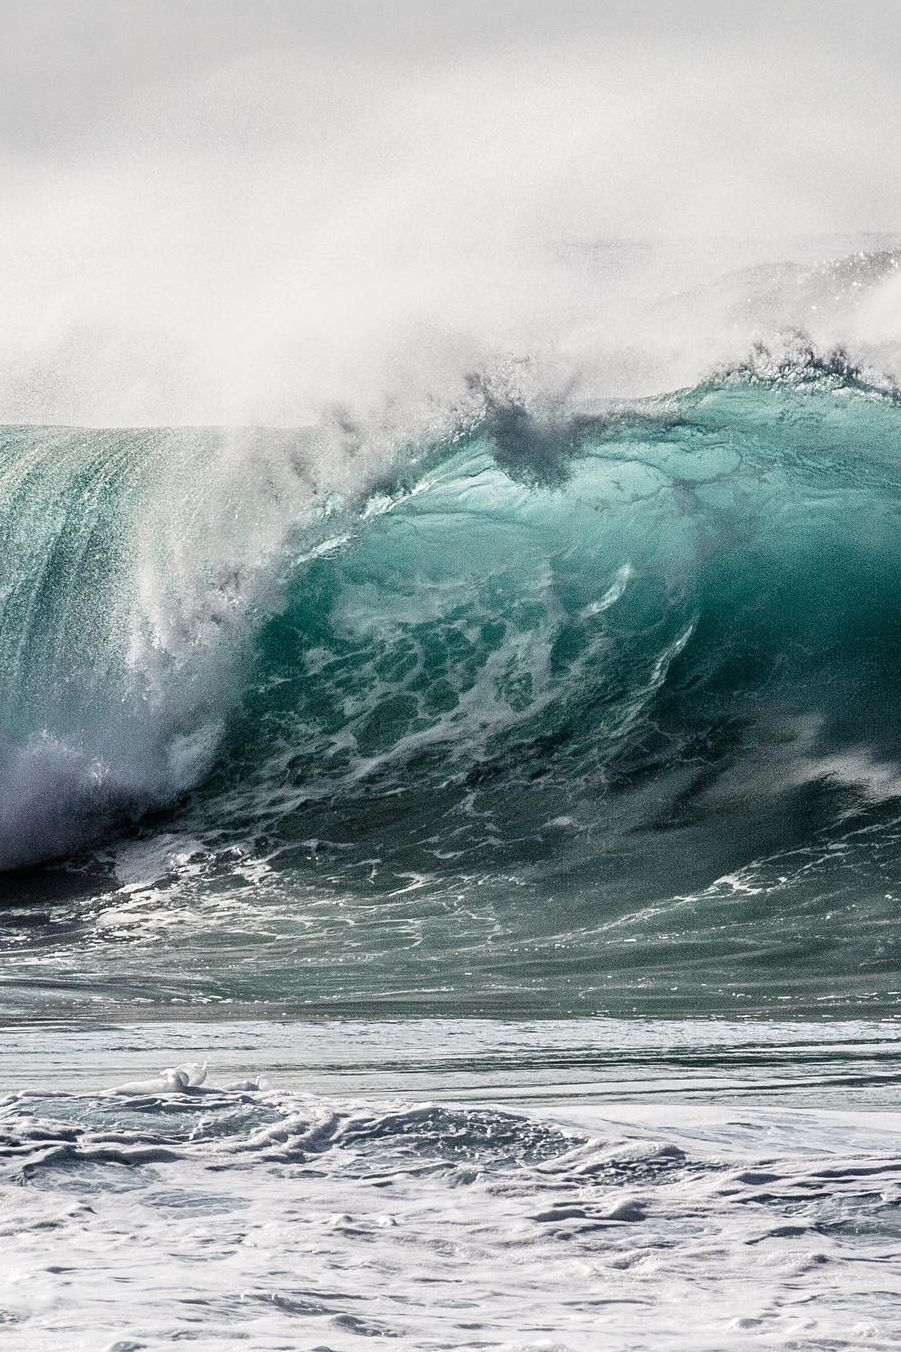 Bonzai Pipeline By Shane Myers On 500px Meer Wellen